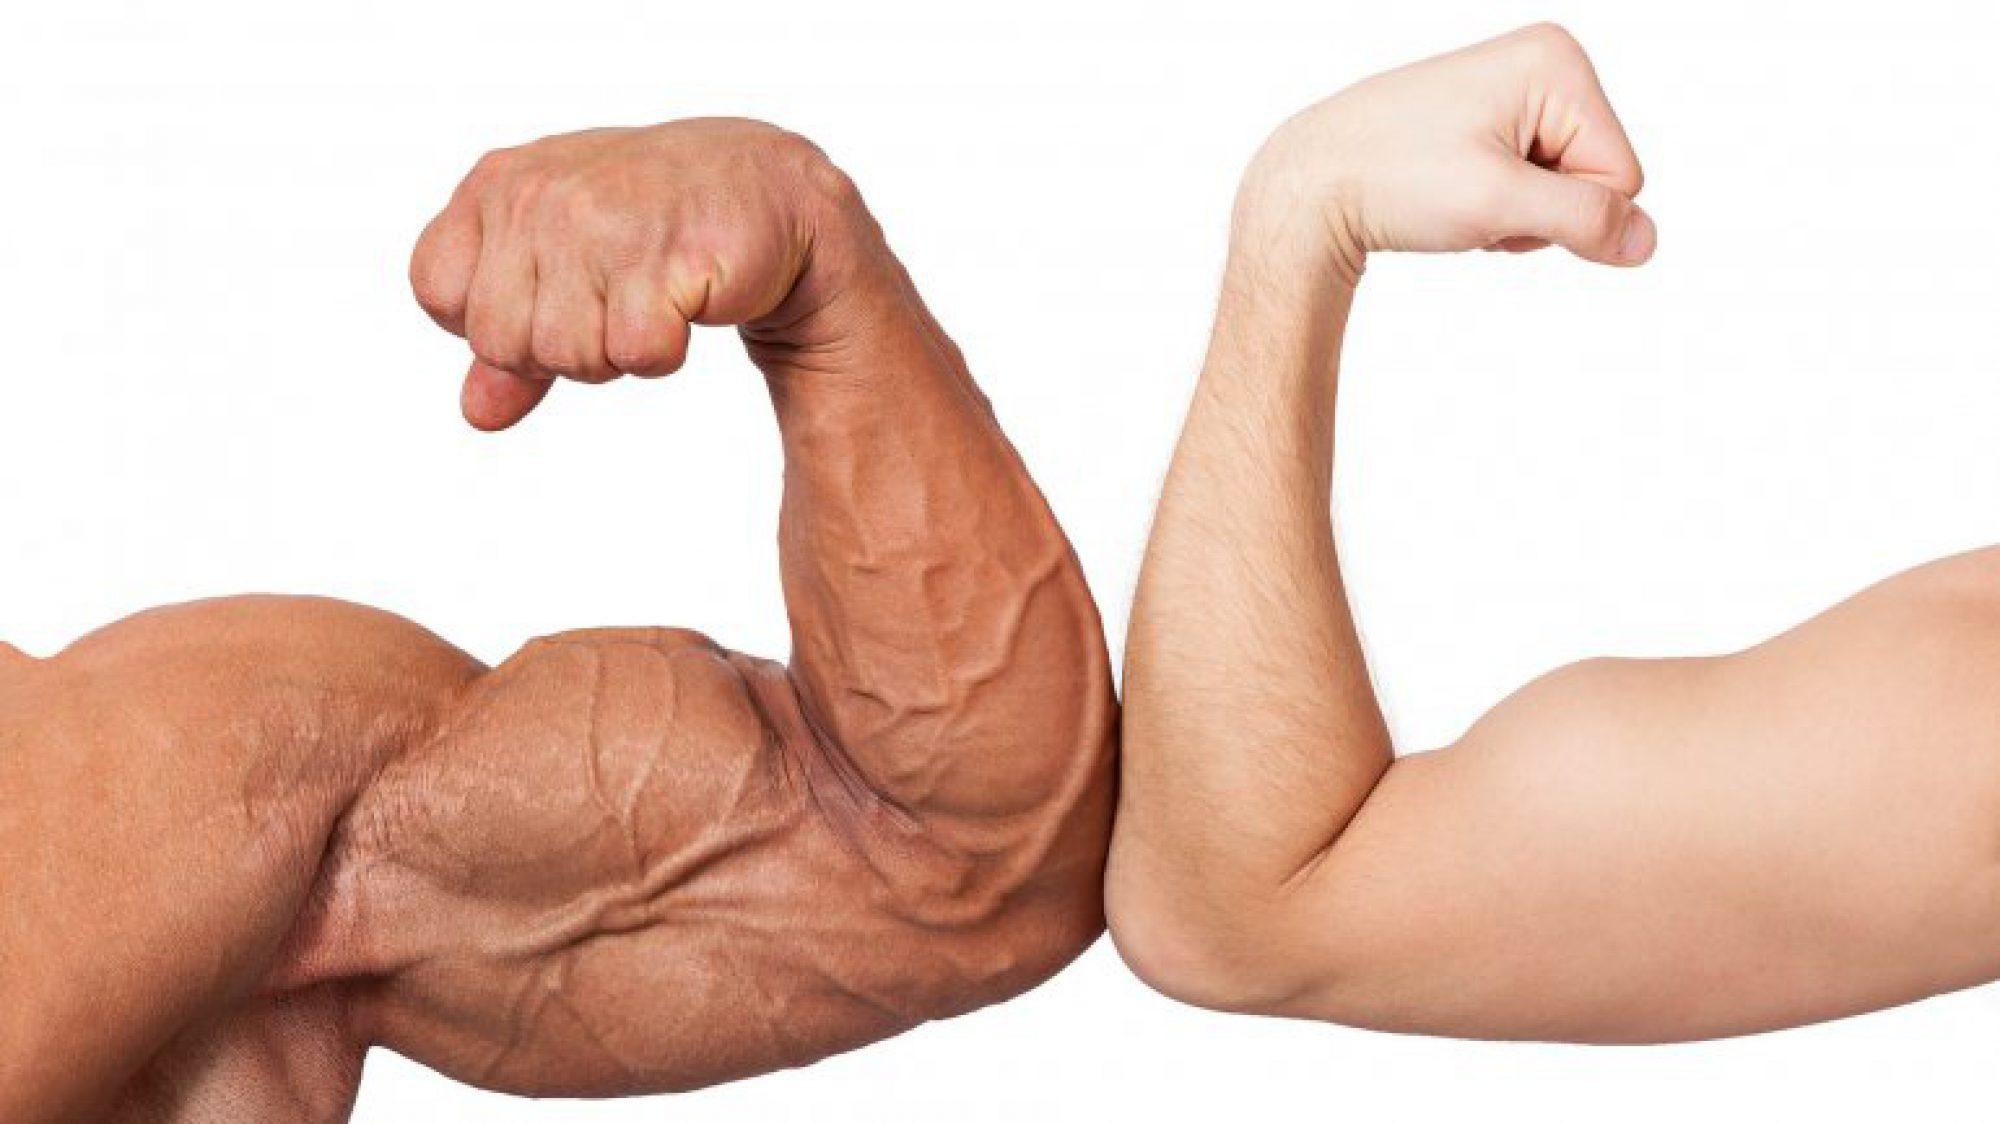 Así dañas tu salud cuando quieres ganar masa muscular con los esteroides anabolizantes